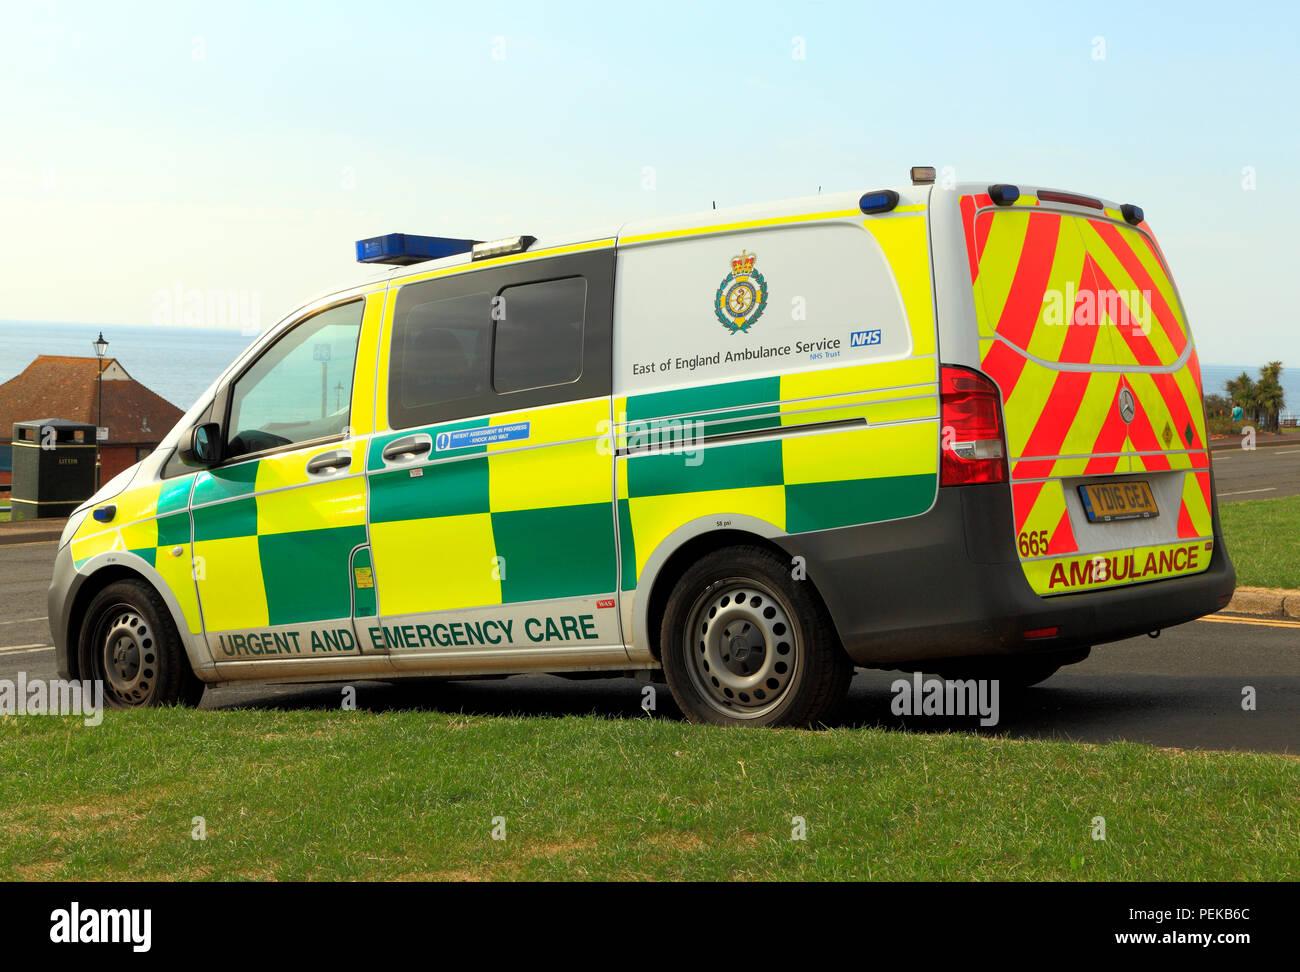 East of England, Ambulance, Service, Urgent and Emergency Care, vehicle, ambulances, regional, Stock Photo